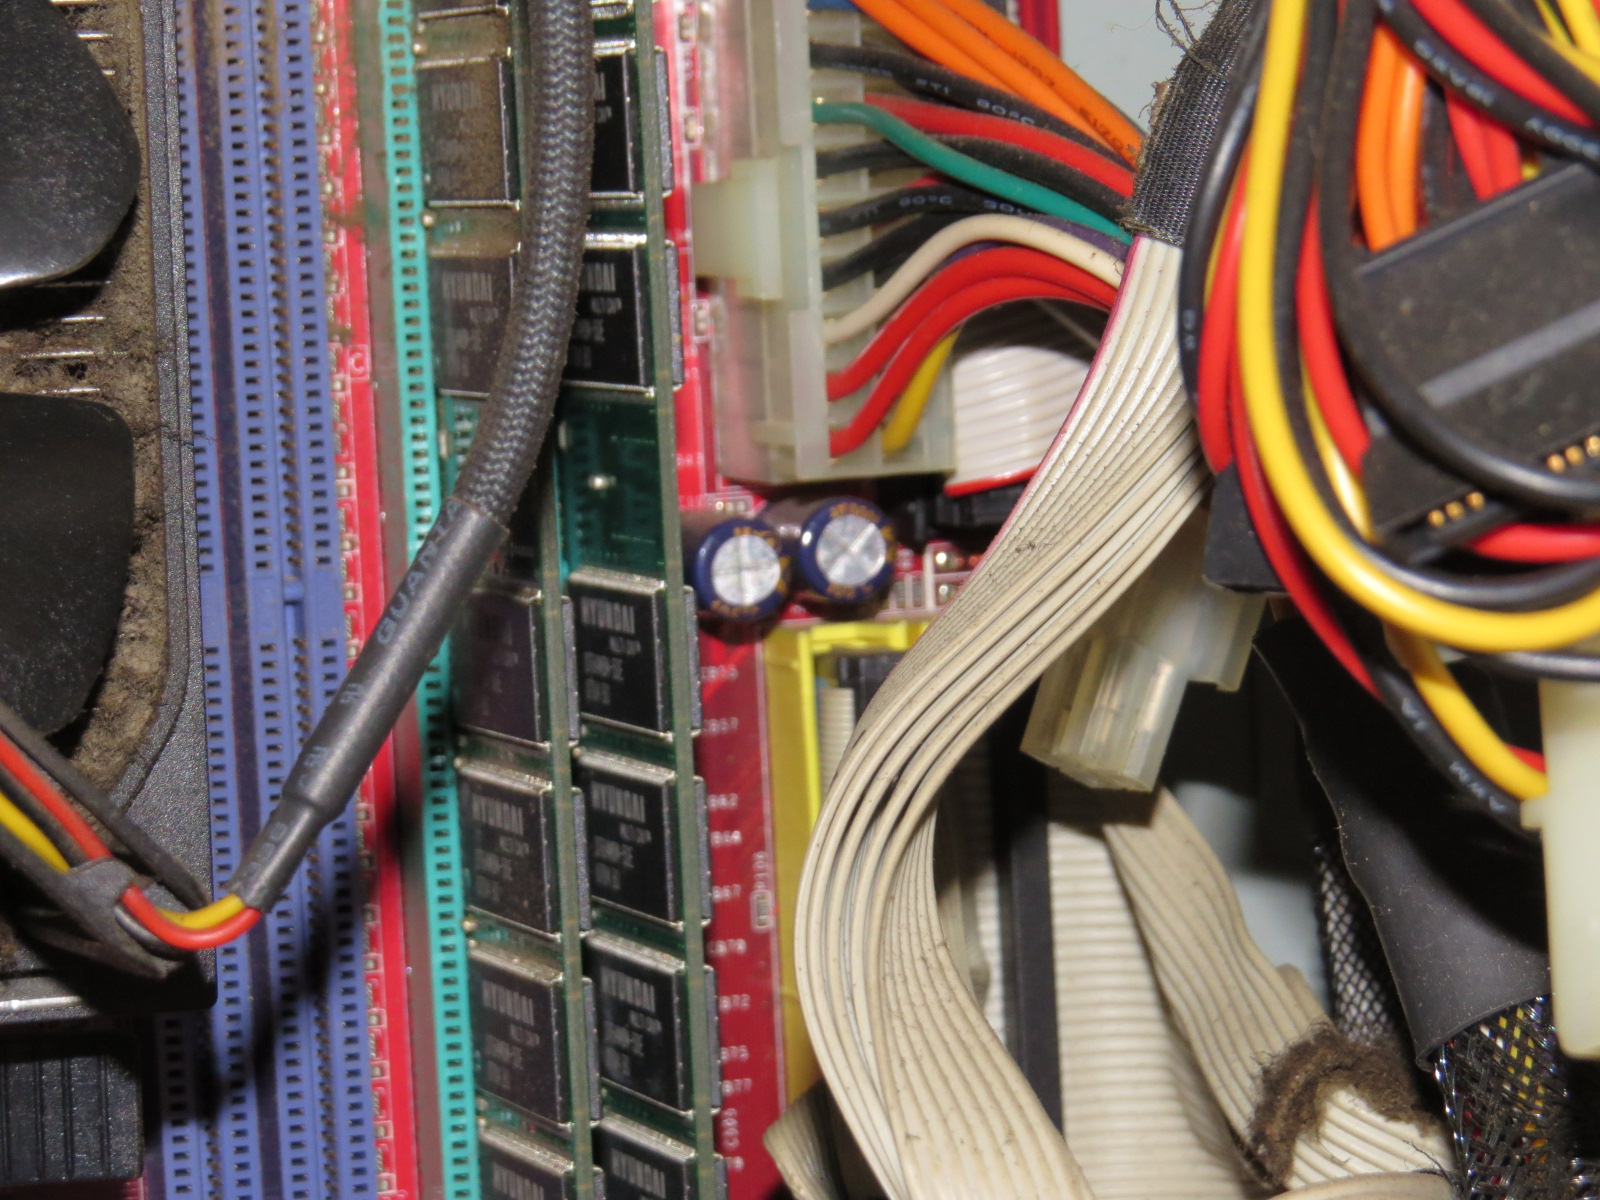 http://www.energialternativa.info/public/newforum/ForumEA/F/IMG_0757.JPG